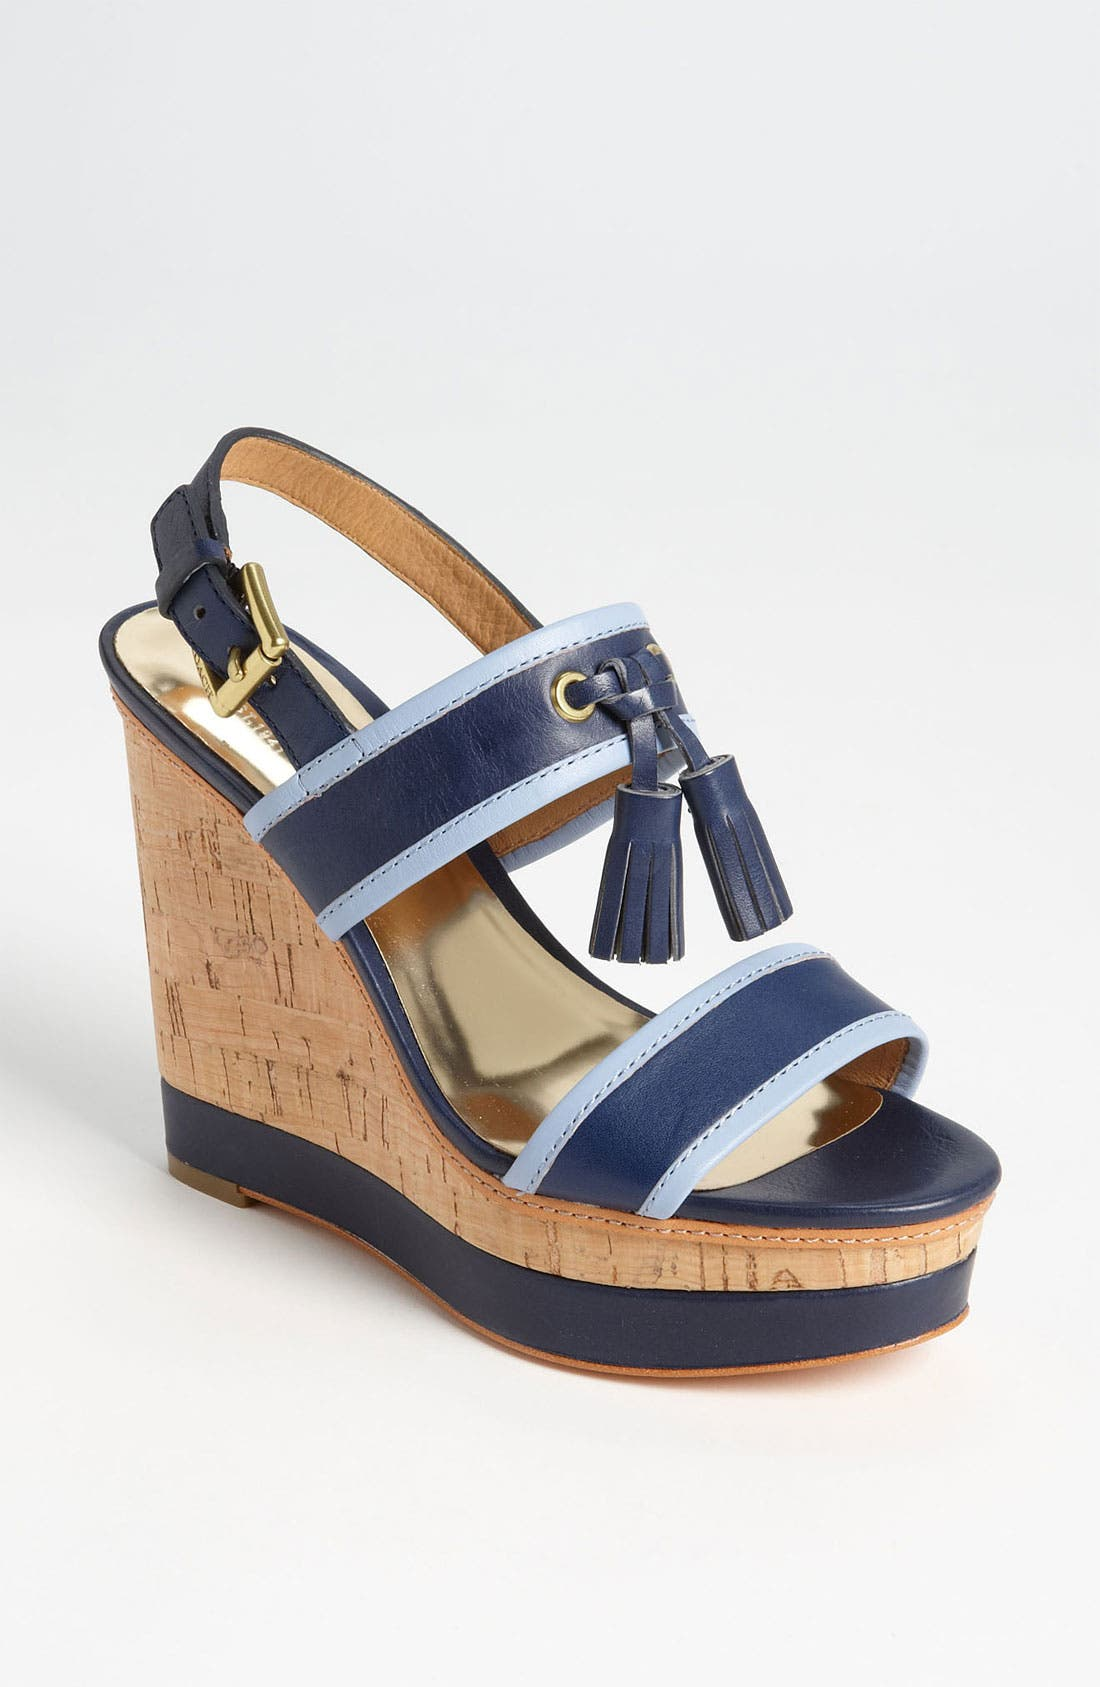 Main Image - COACH 'Guileietta' Wedge Sandal